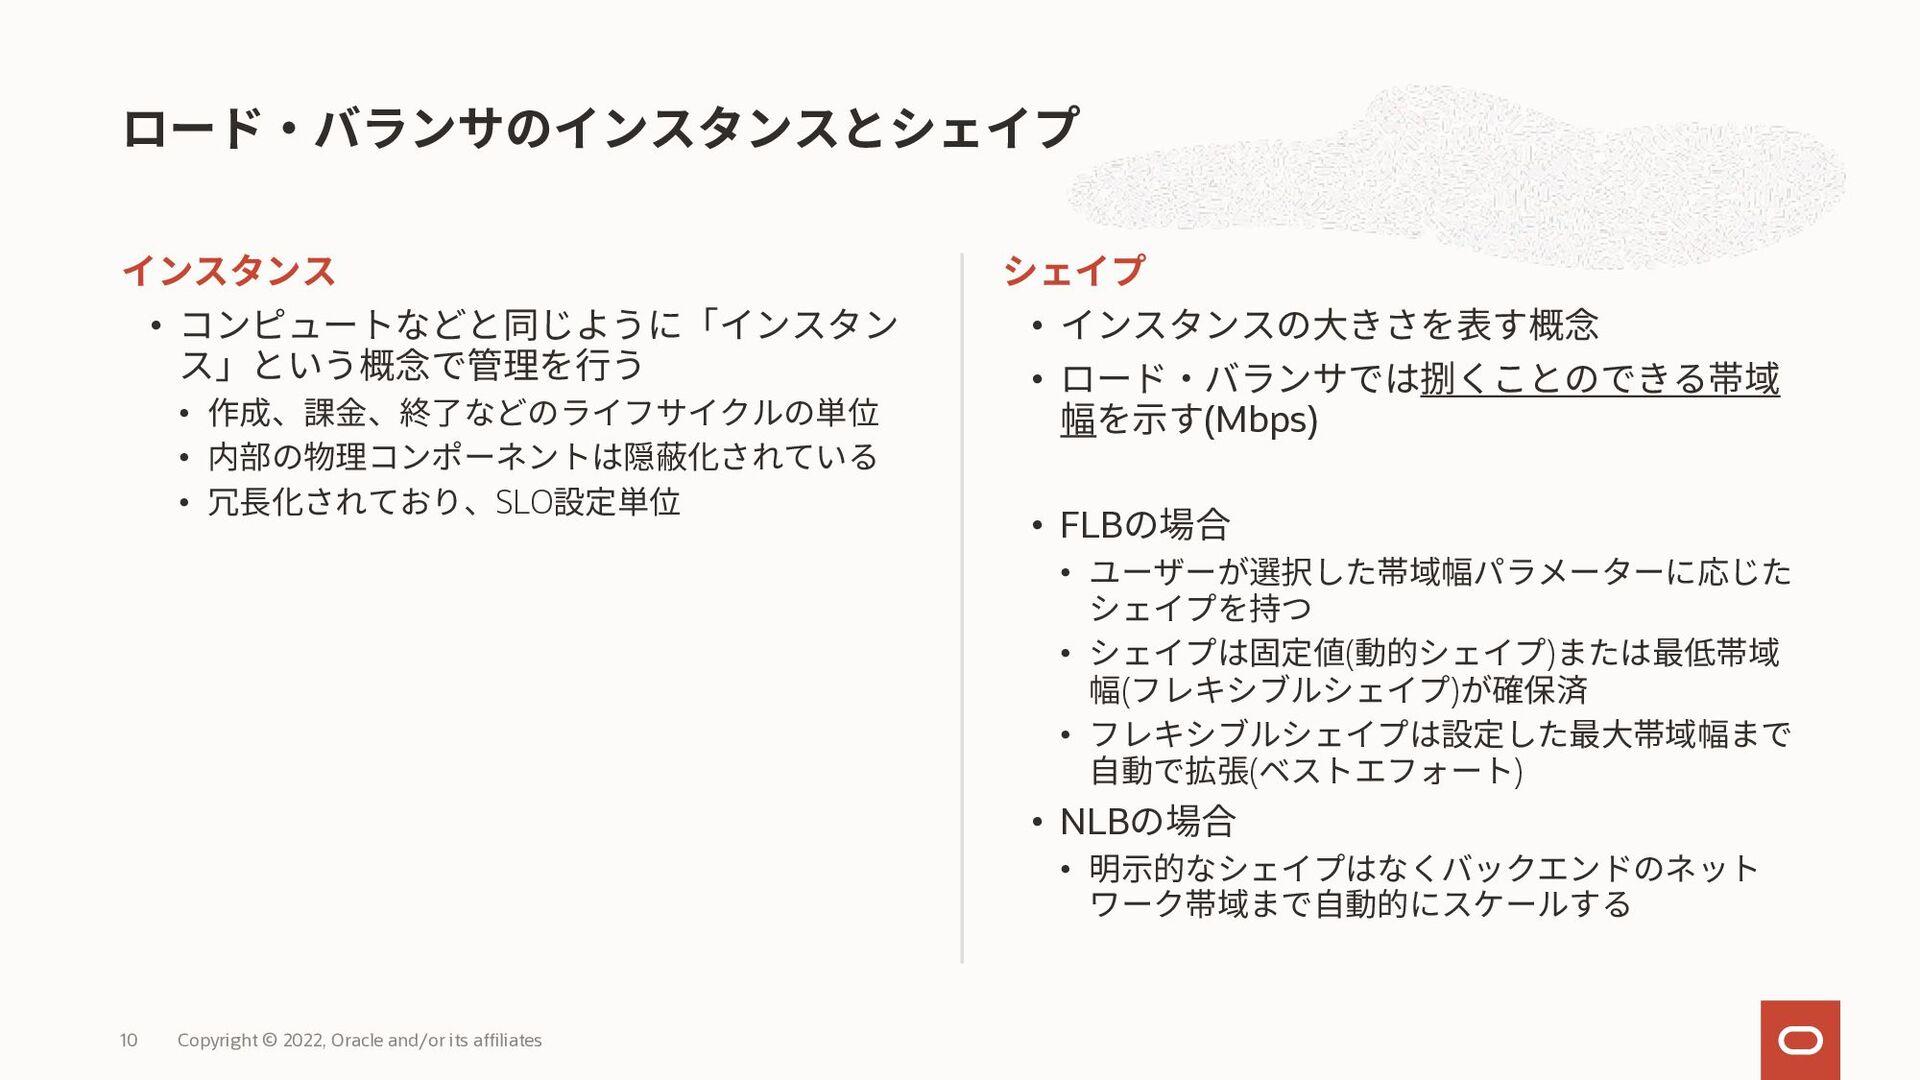 構成要素 : リスナー Copyright © 2020, Oracle and/or its...